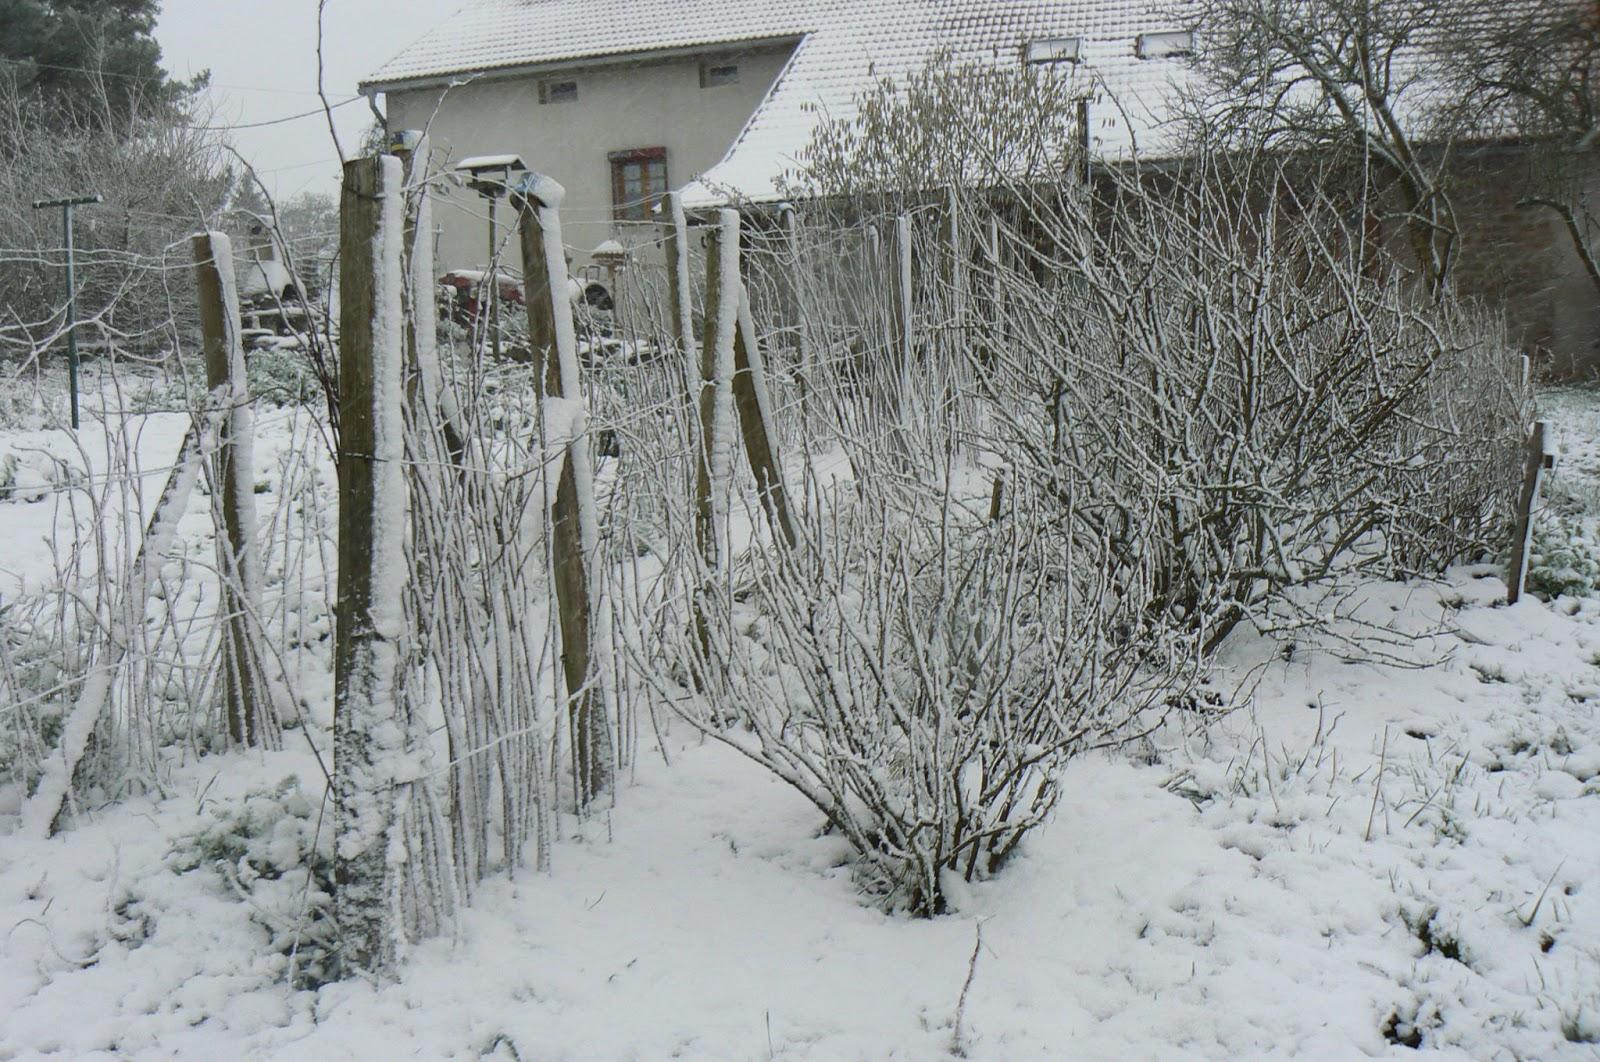 Les yeux les pieds sur ga a le jardin en hiver sous la neige for Jardin hiver plantation